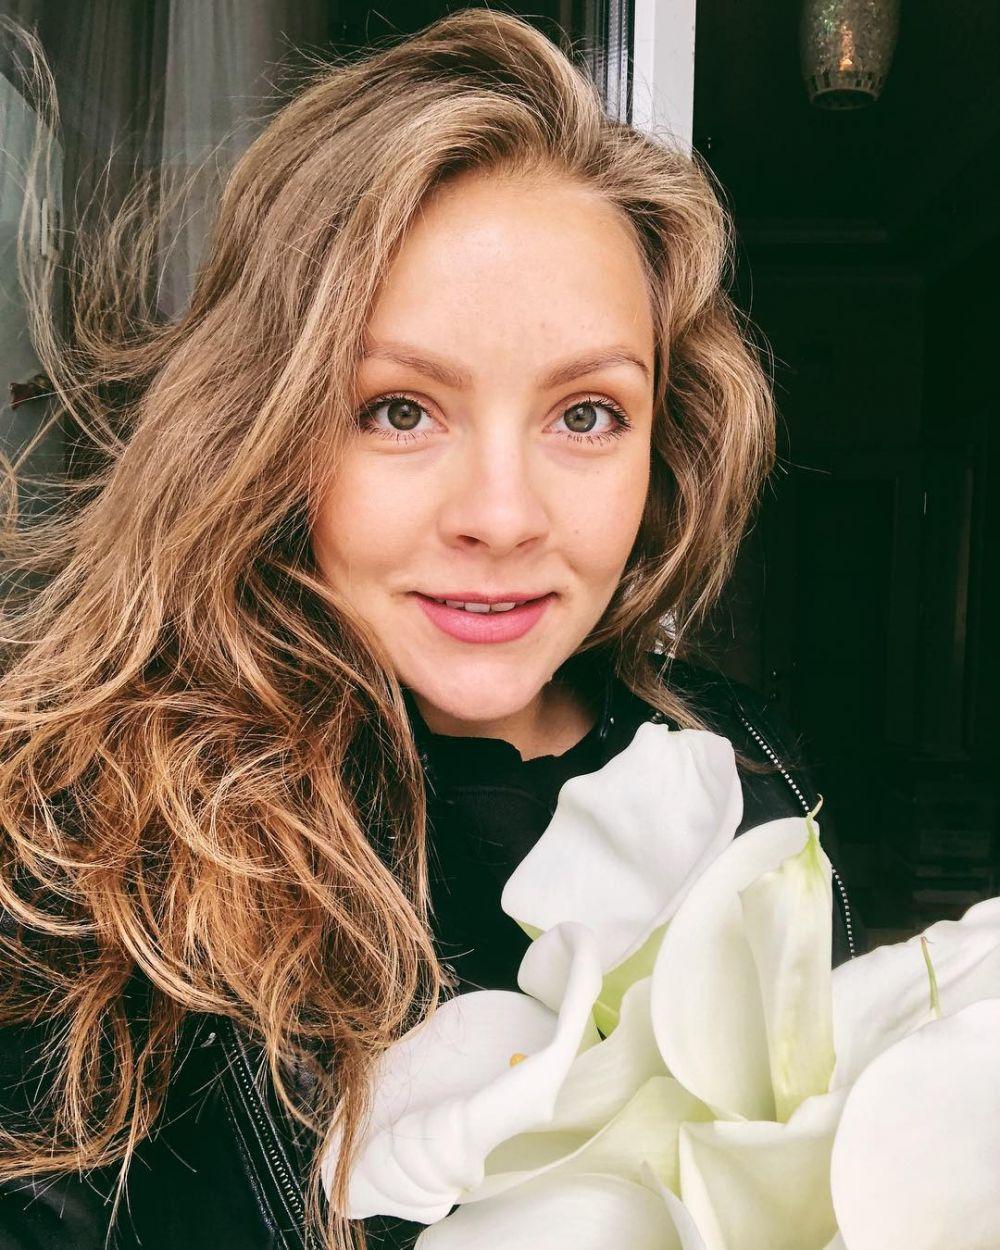 «Сегодня впервые получила поздравление с этим днем и это такое счастье!!!» - подписала свое солнечное фото с цветами Алена Шоптенко.